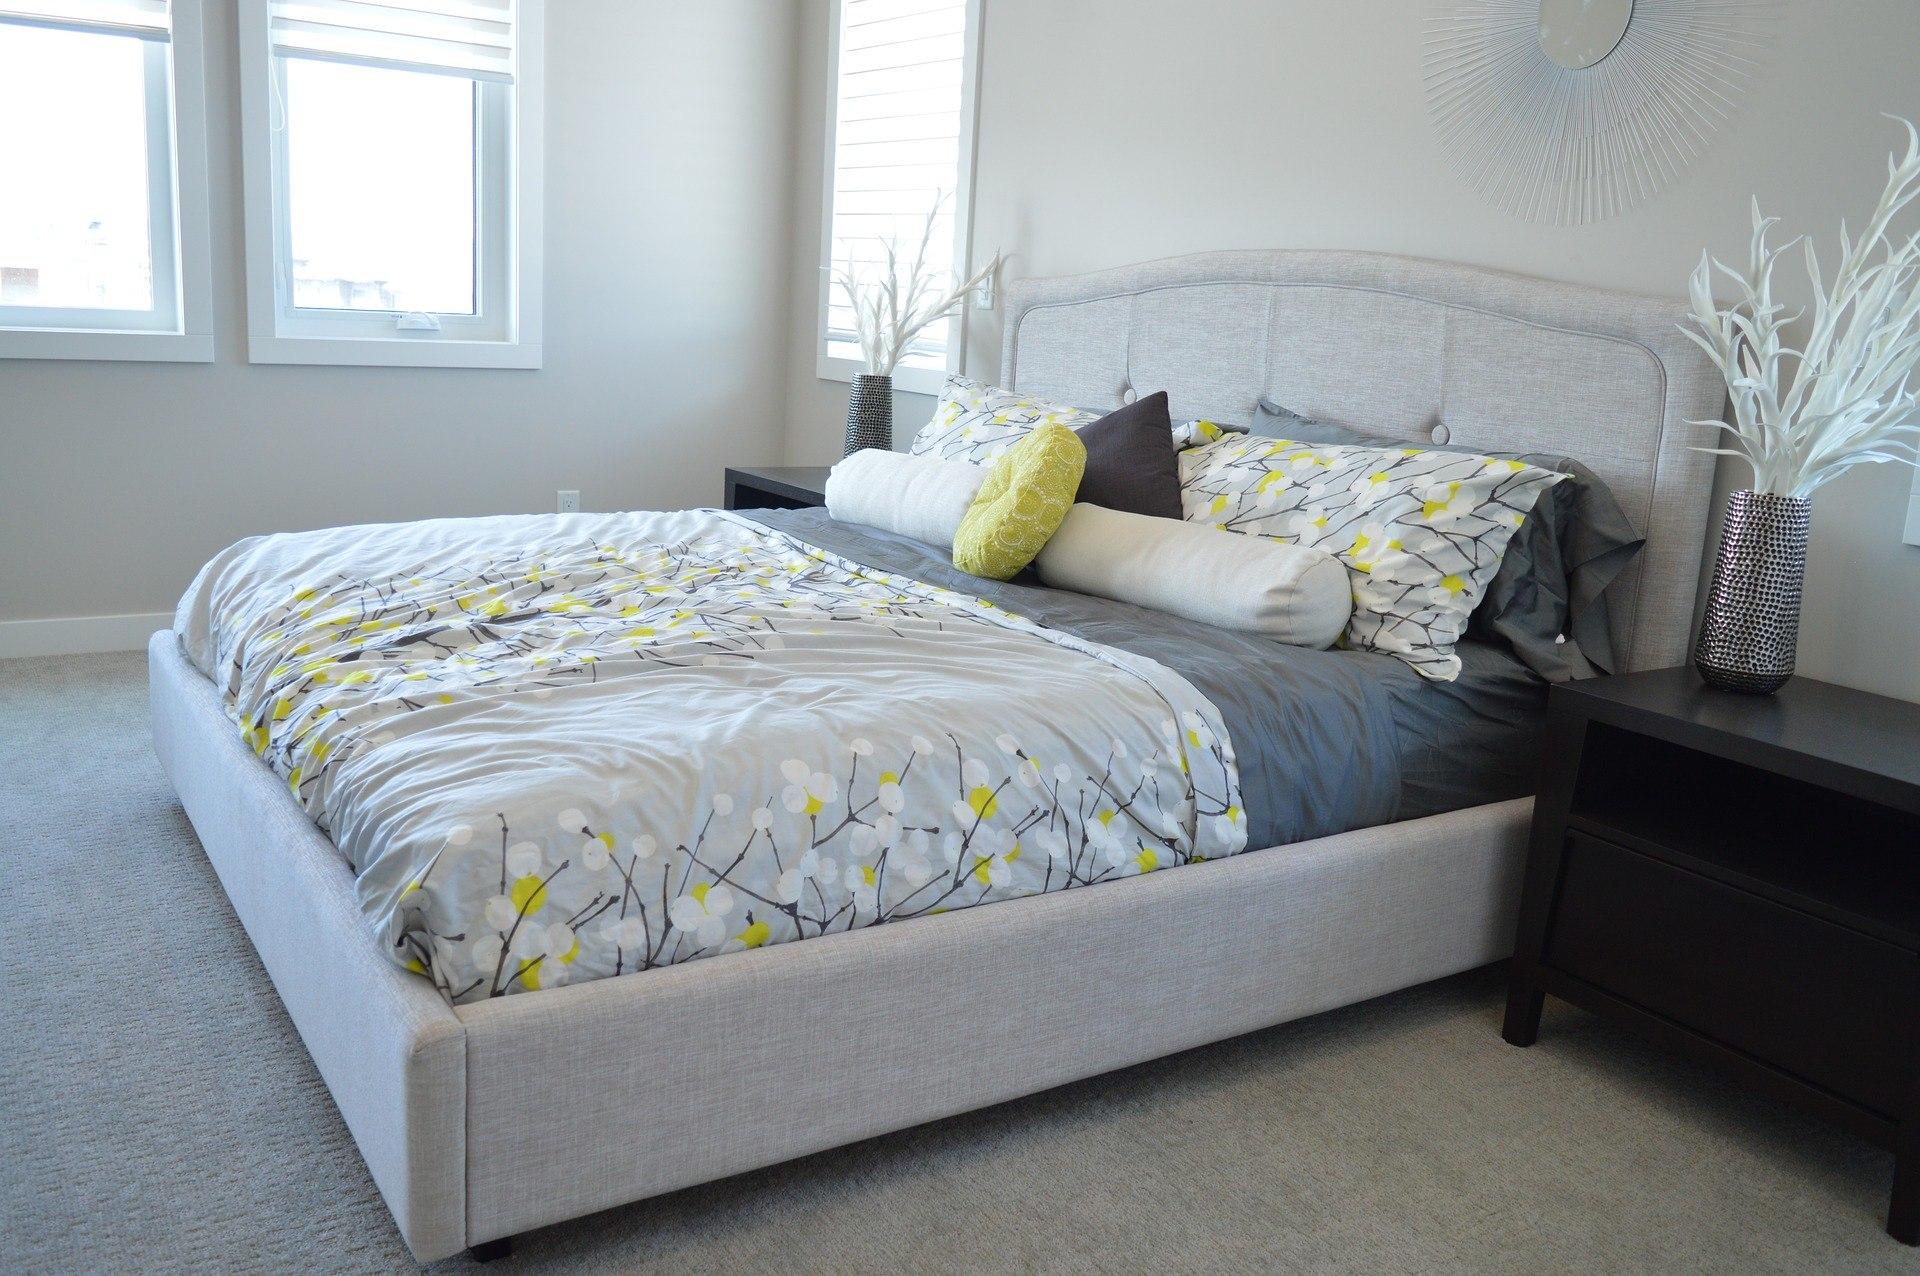 Mėlynas miegamasis: spalvų paletė jaukiai erdvei